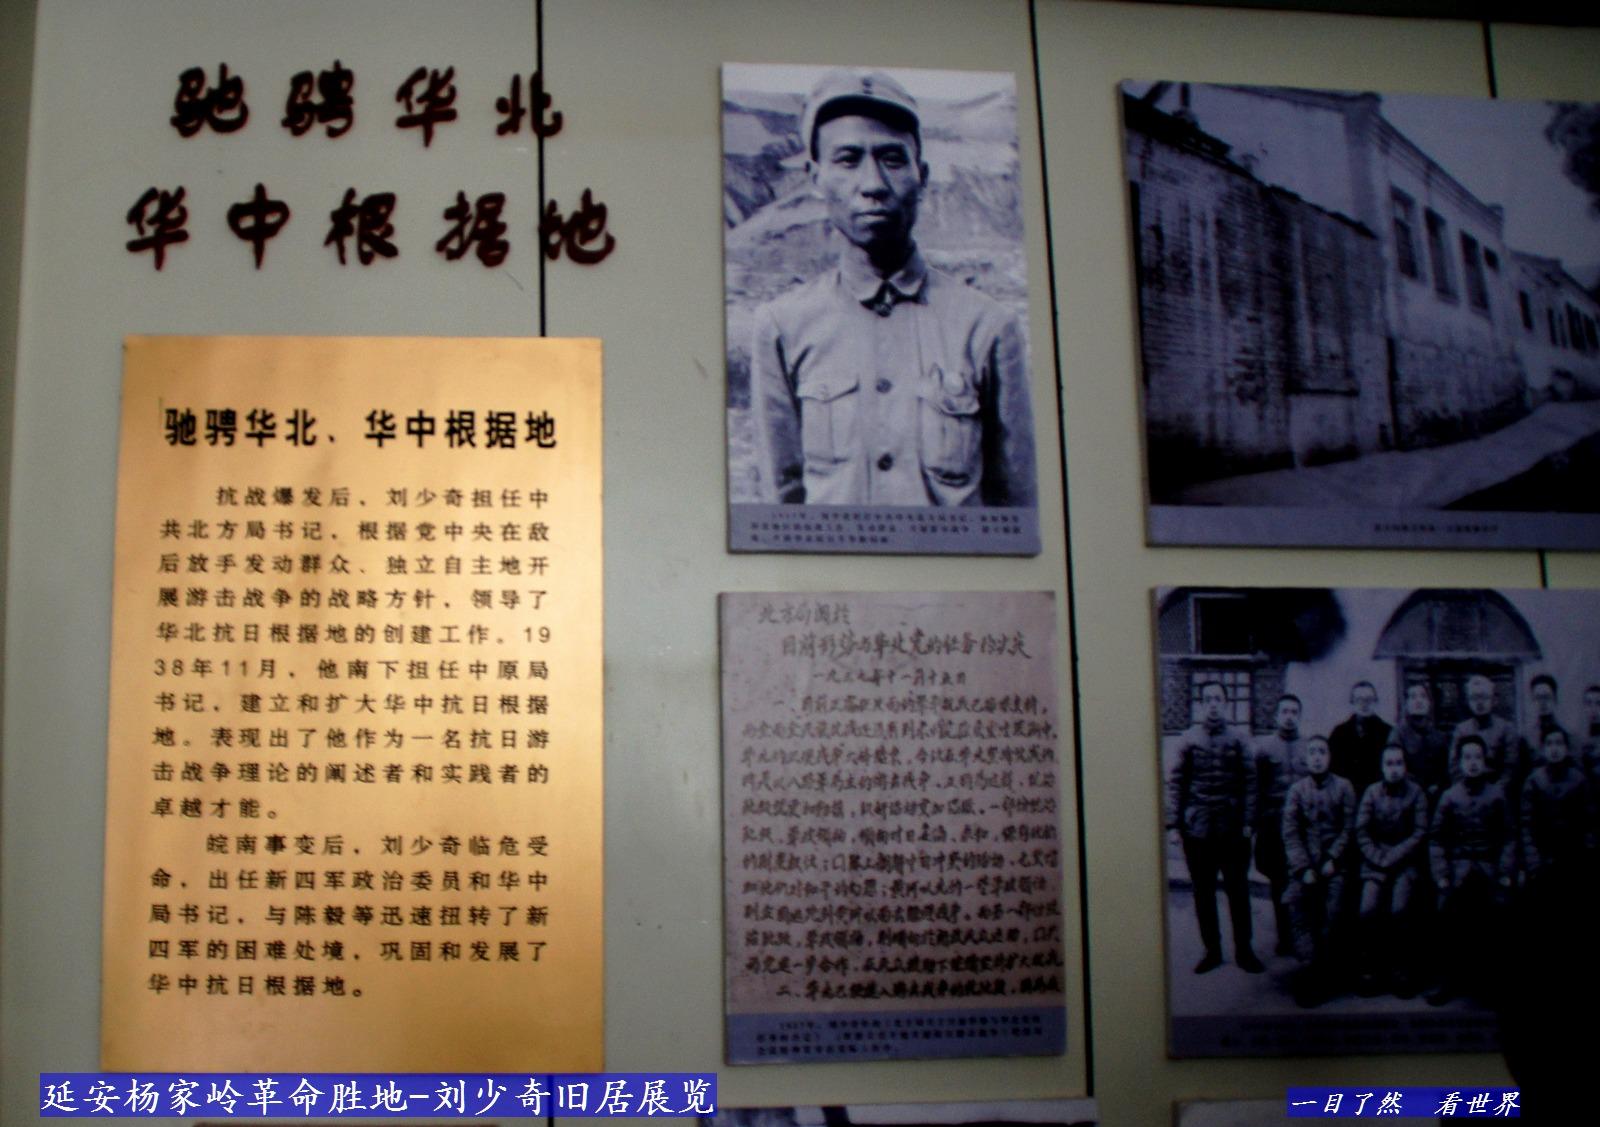 延安杨家岭革命胜地-刘少奇旧居展览--59-1600.jpg